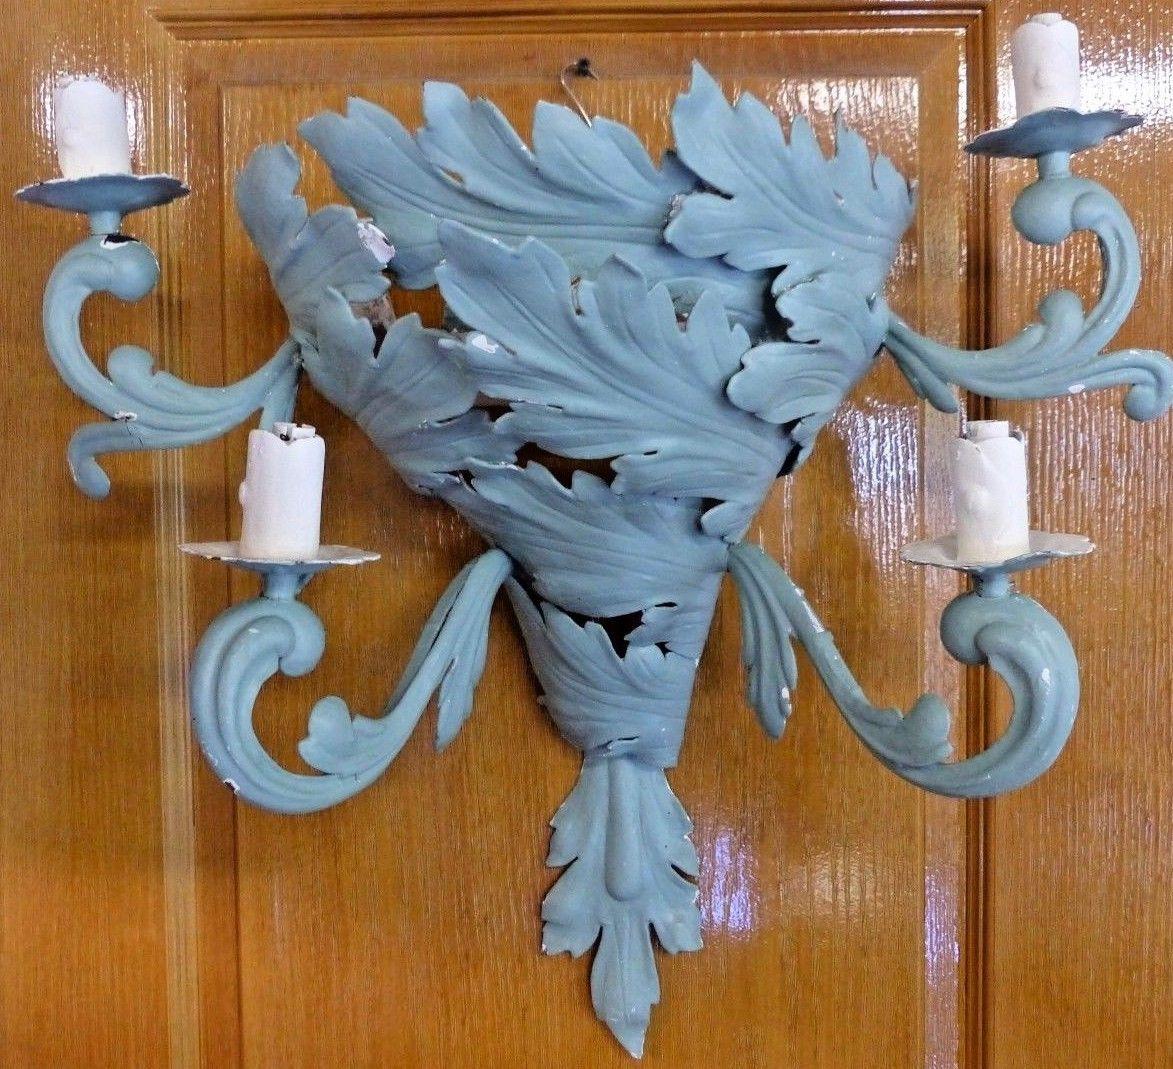 recherche : applique mural forme cornet en fer forge feuillage